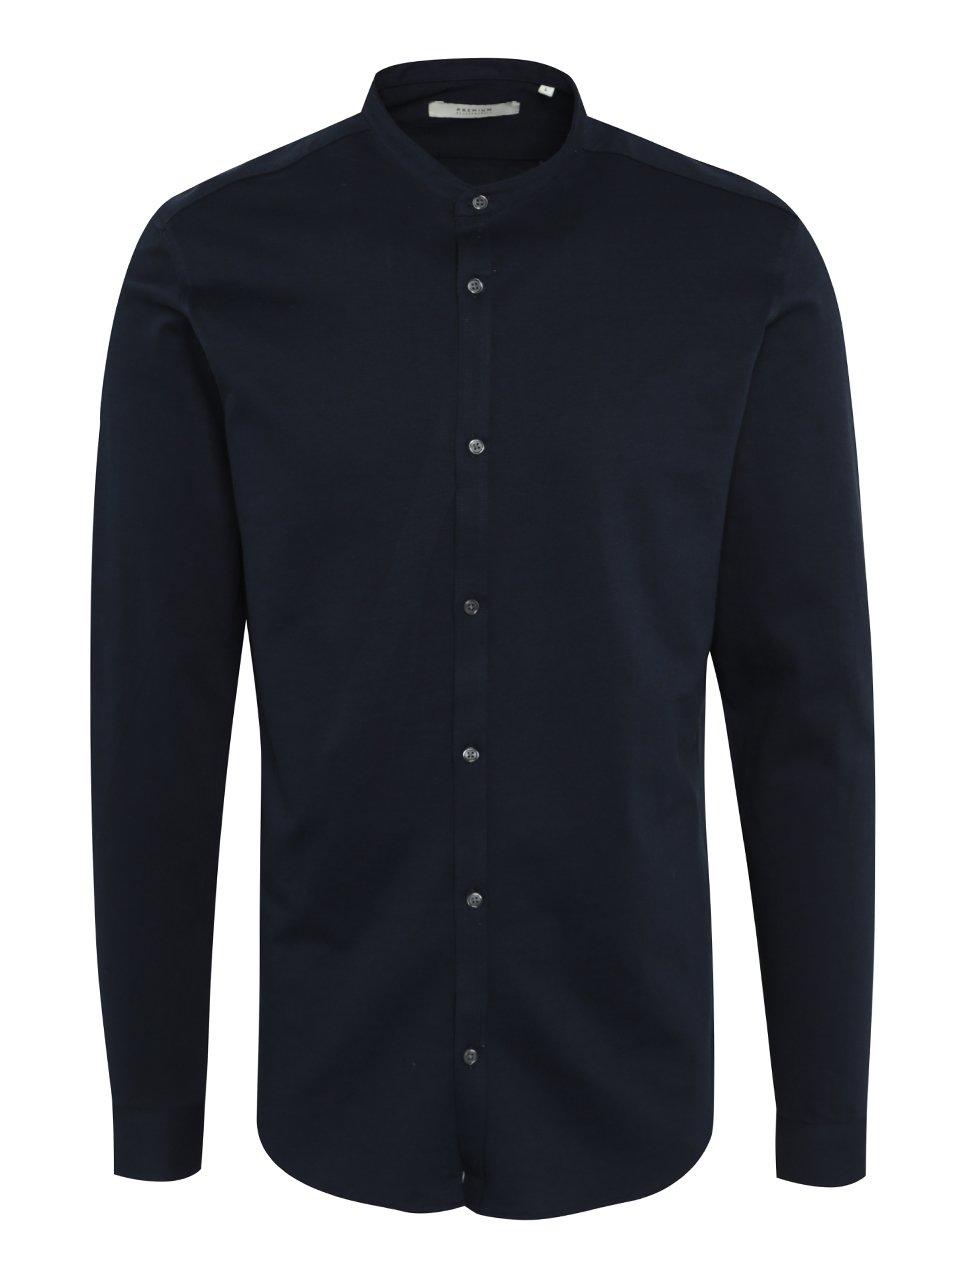 Tmavě modrá slim fit košile bez límečku Jack & Jones Premium Knit